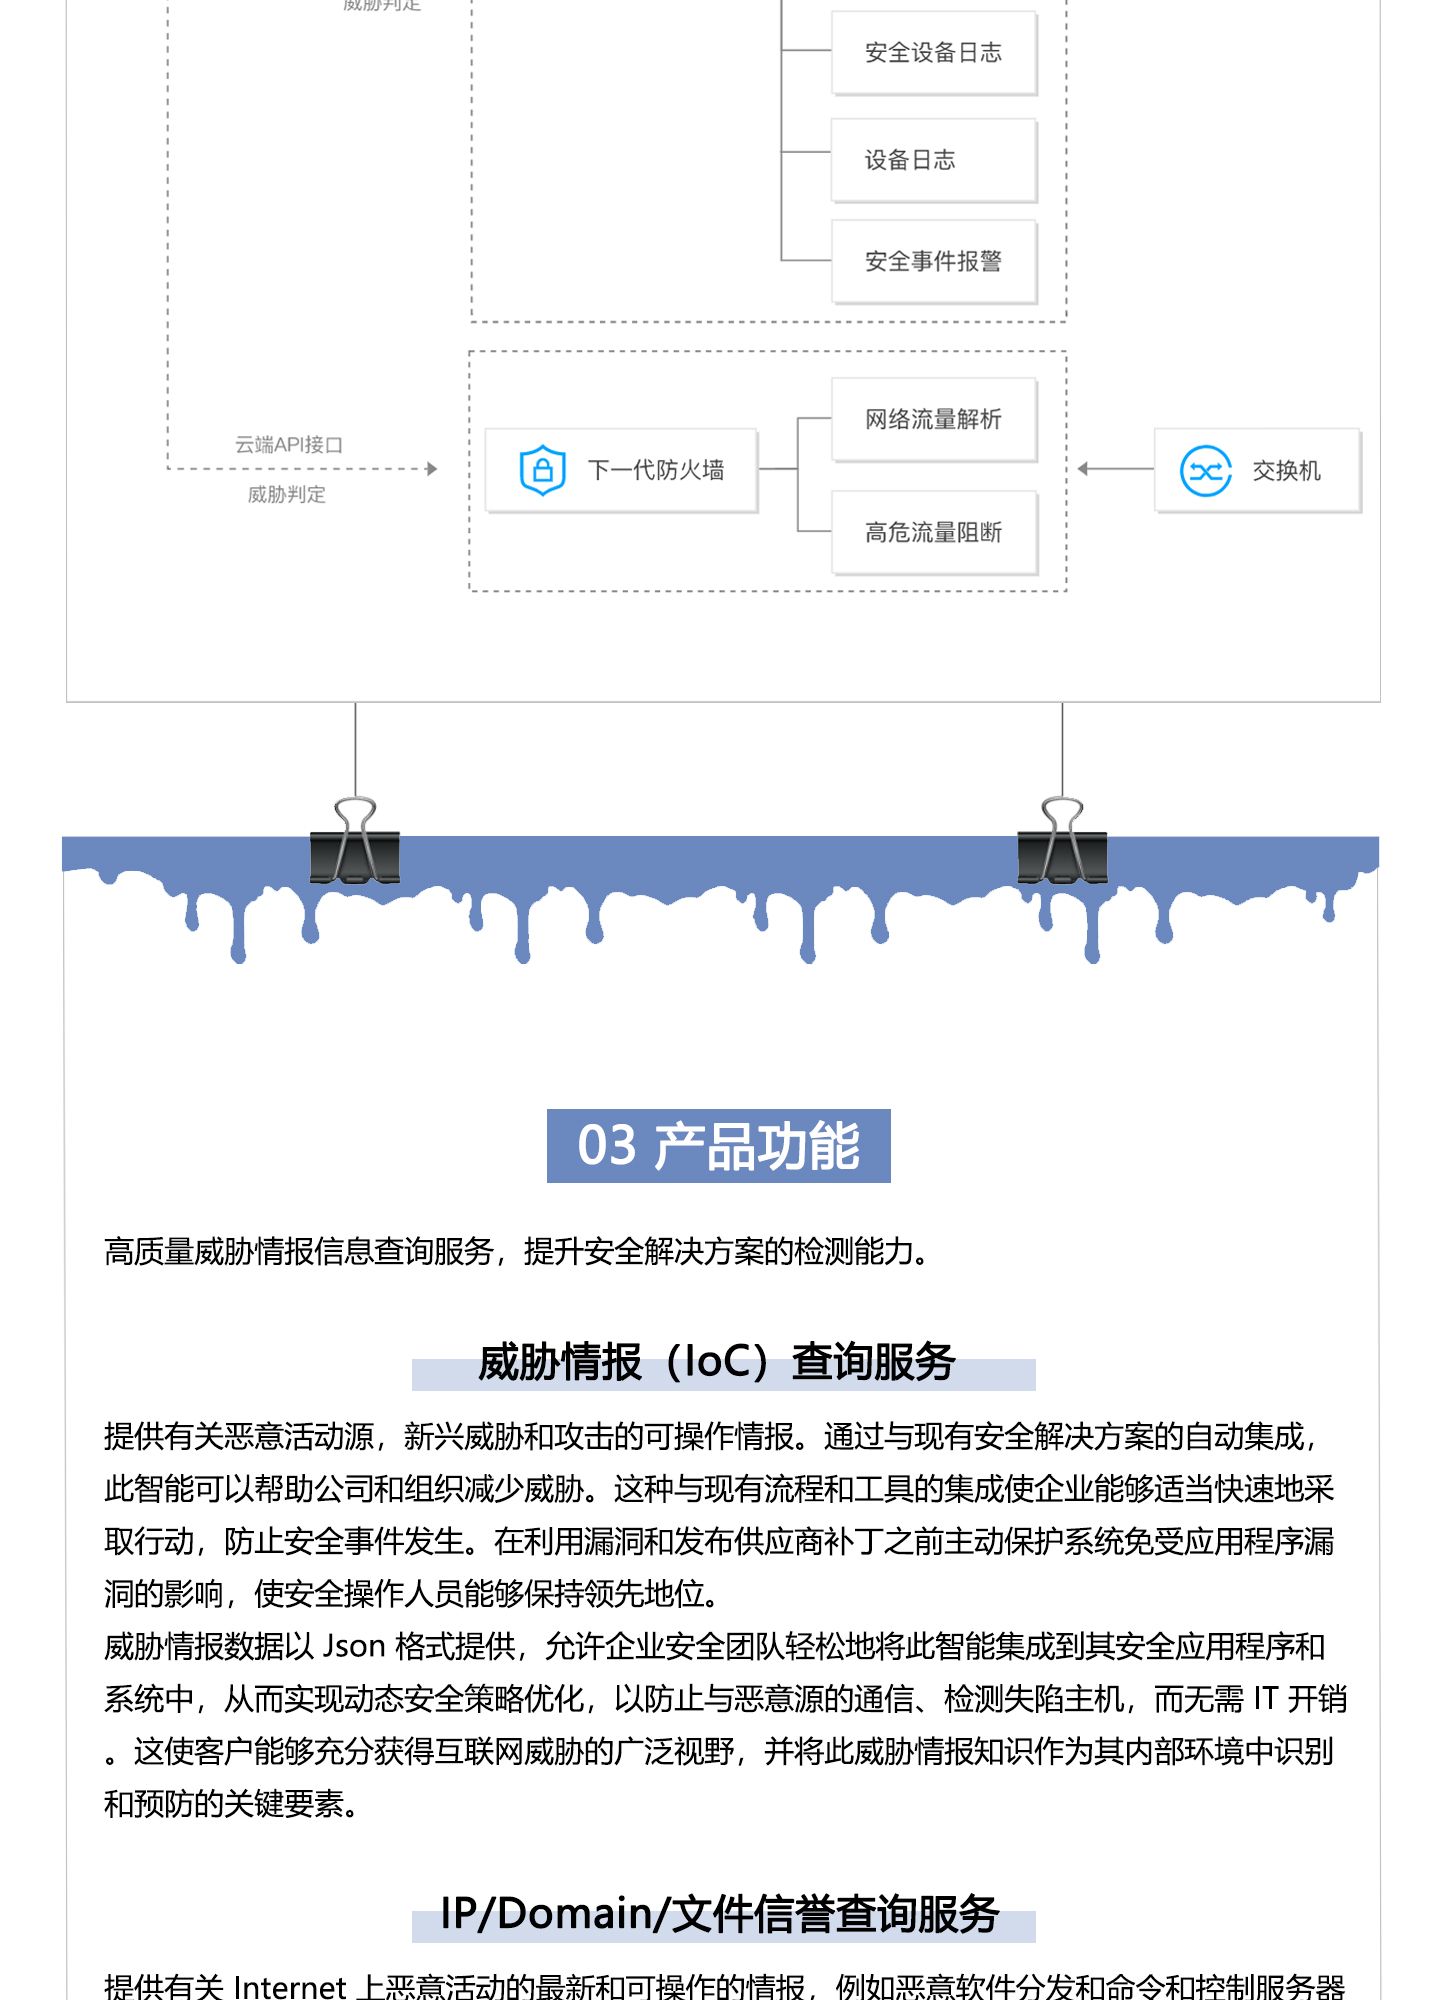 T-Sec-威胁情报云查服务1440_04.jpg